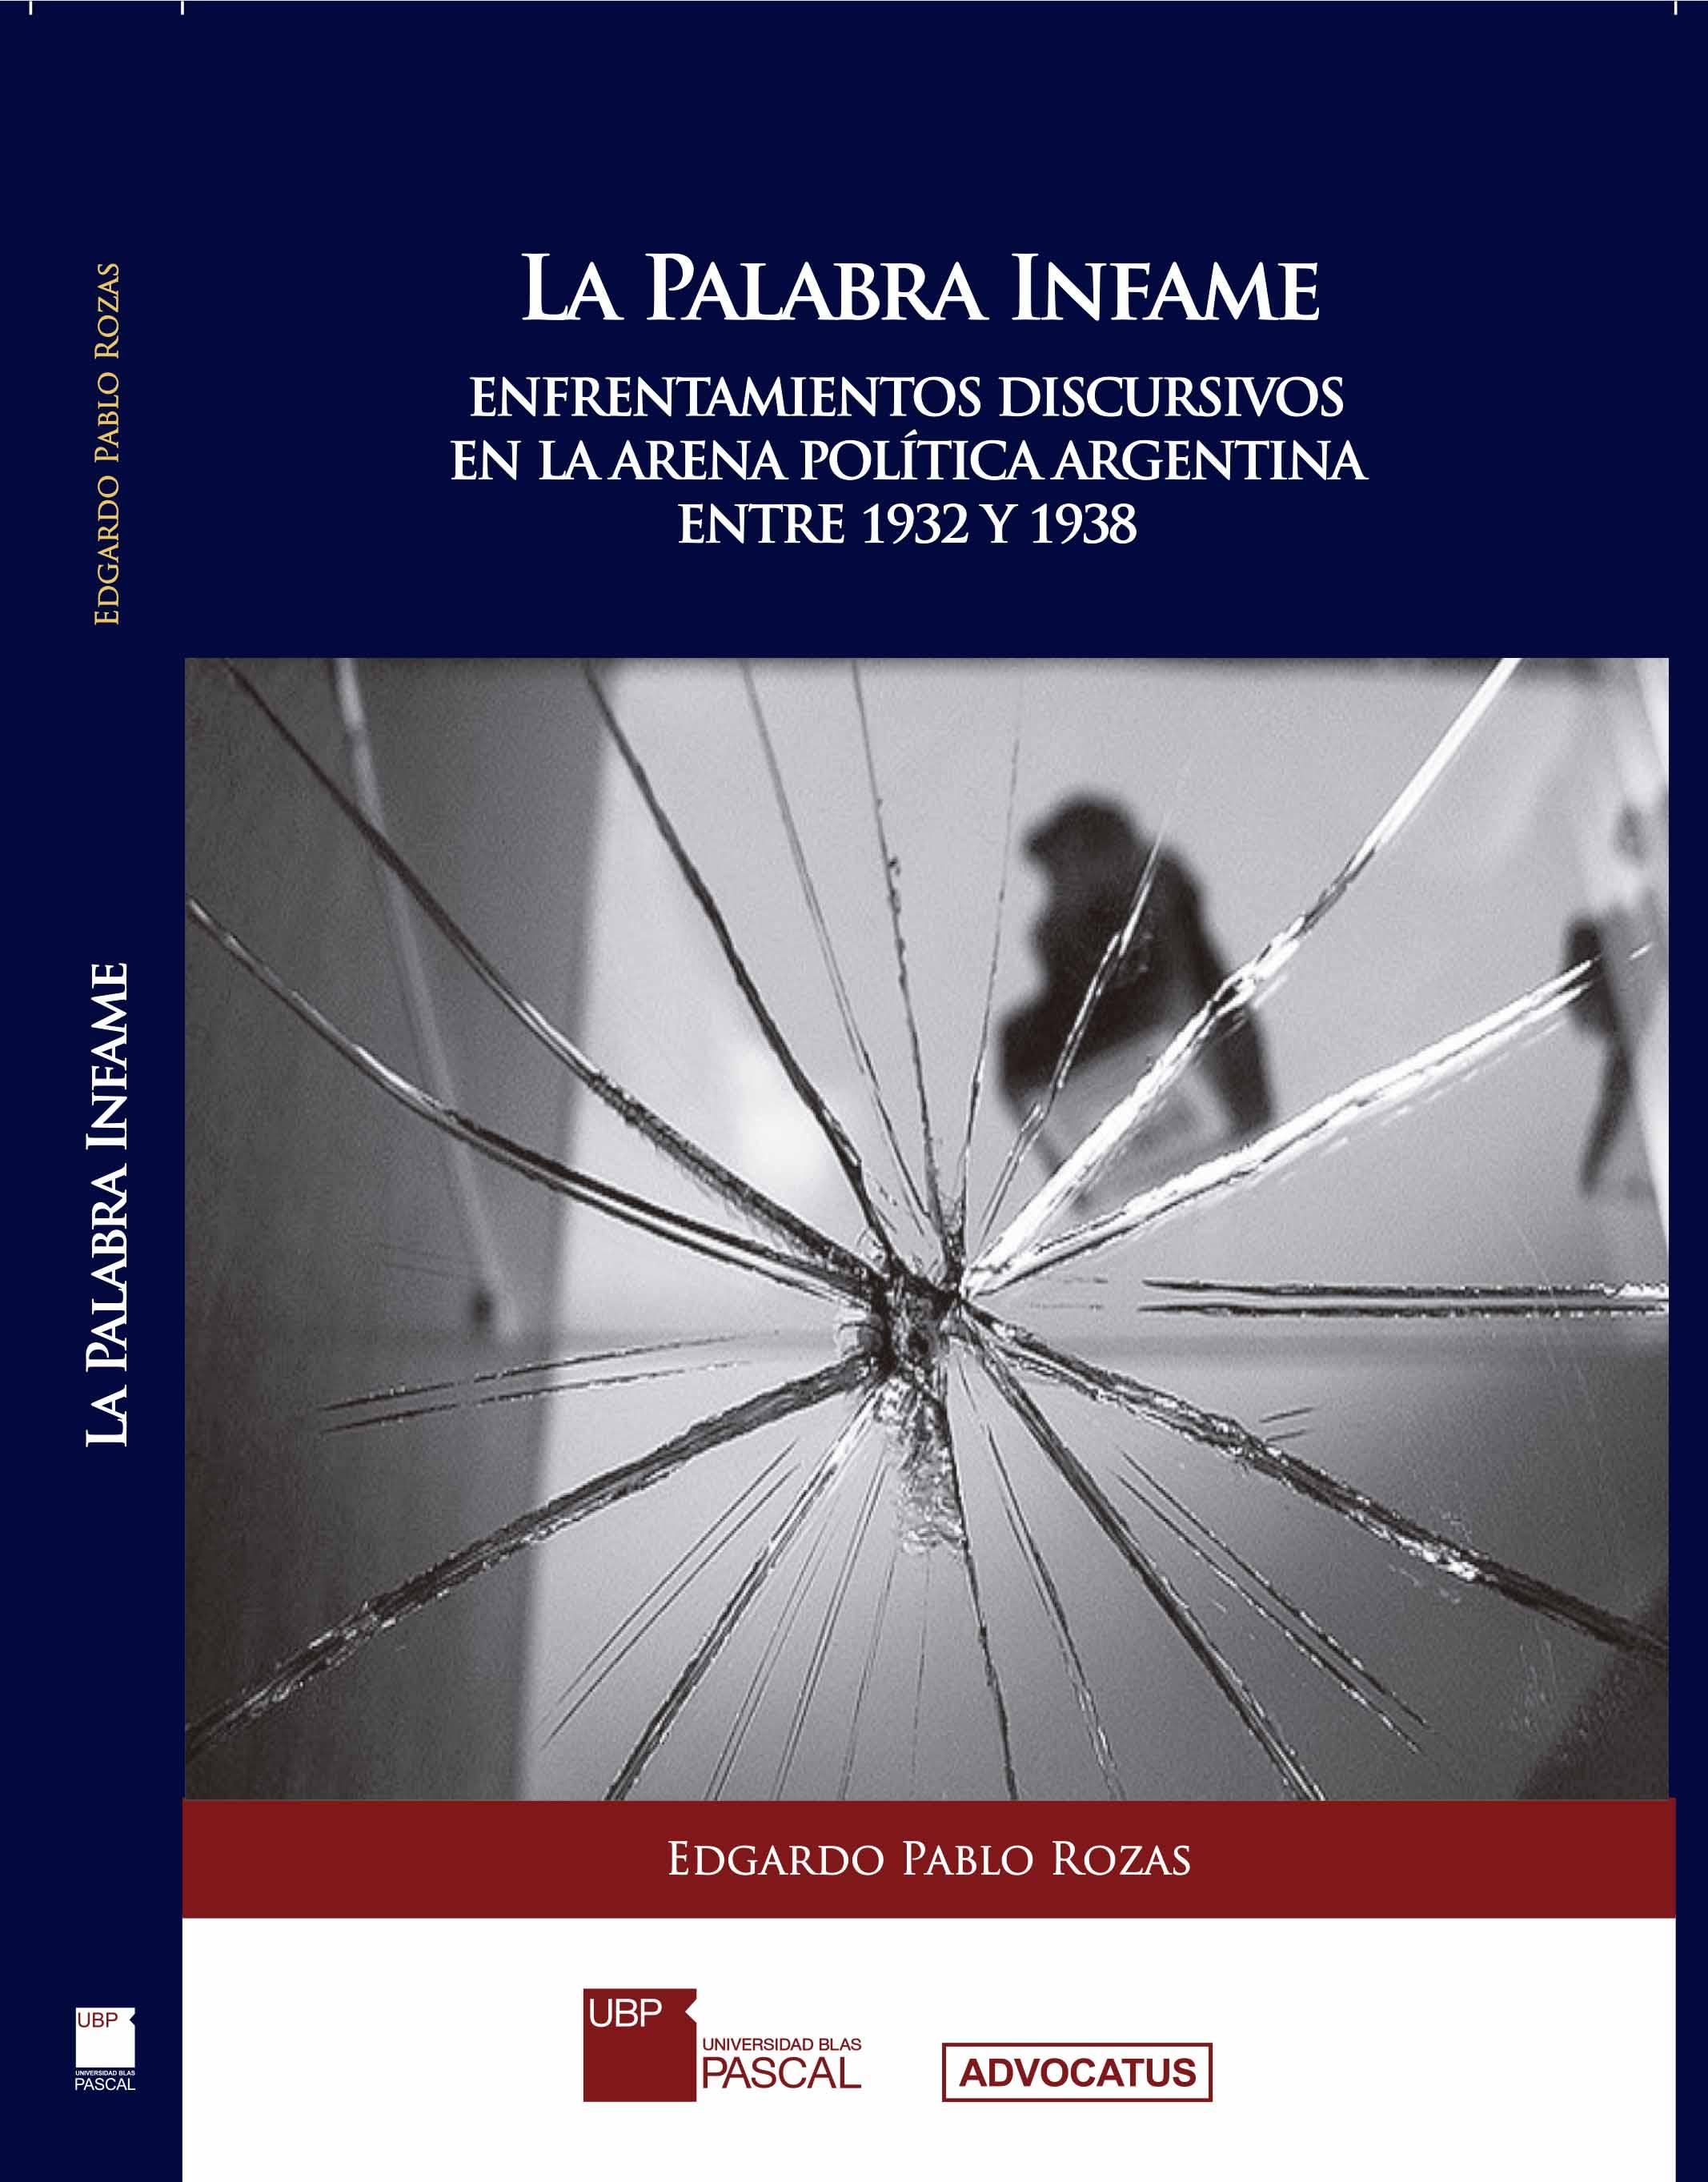 Editorial UBP y Advocatus presentan un nuevo libro